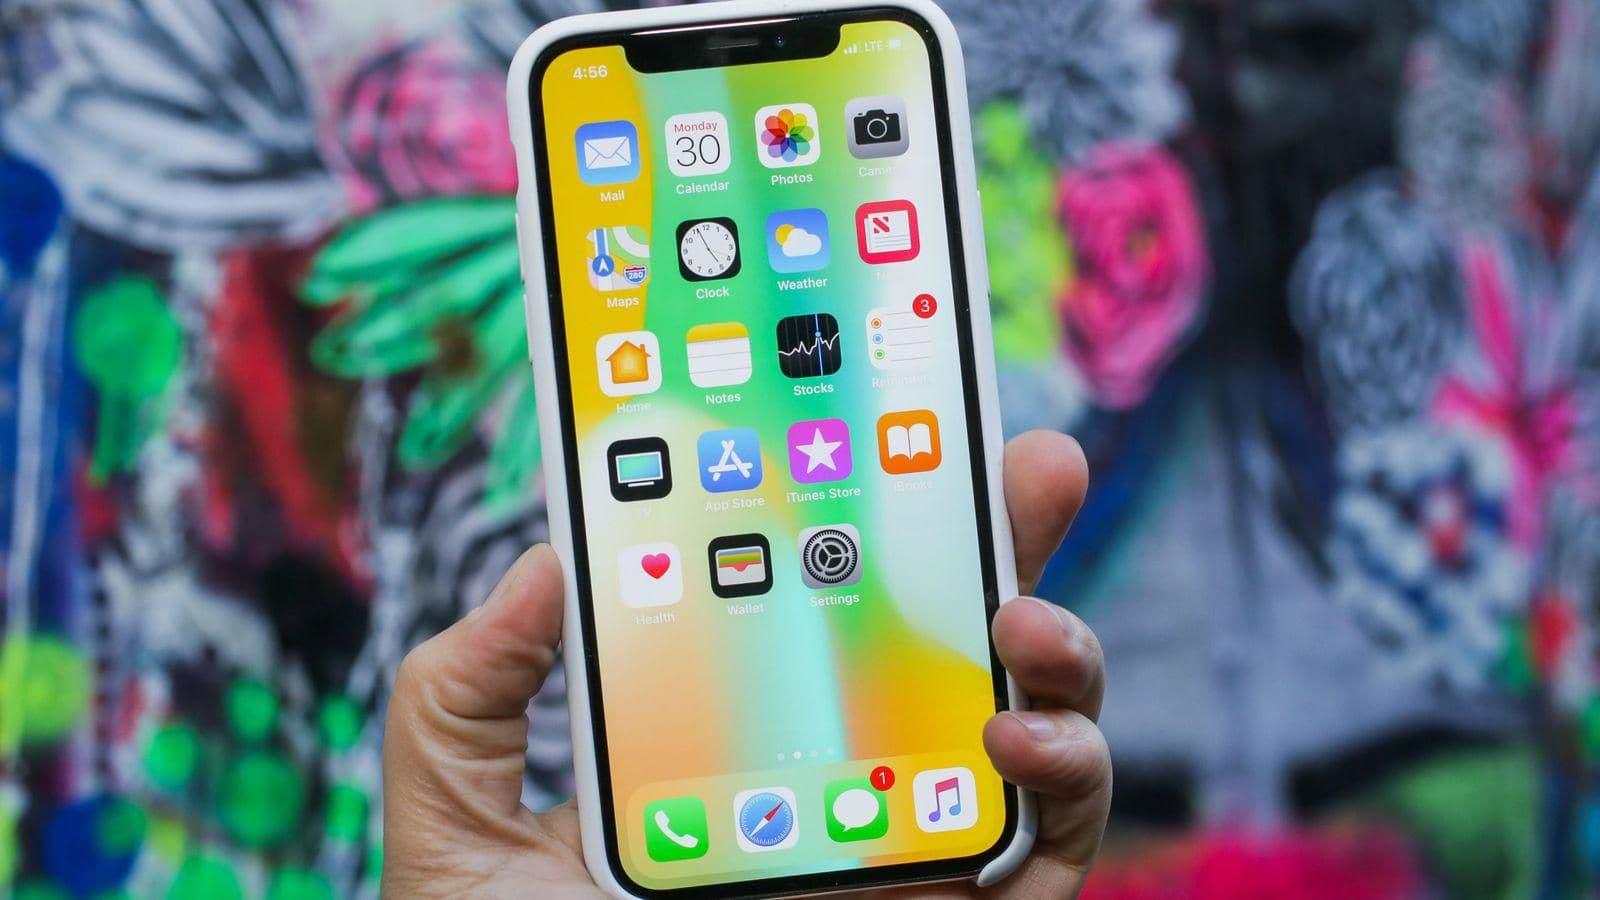 iPhone iphone - Đâu là điểm mạnh của iPhone so với điện thoại Android?